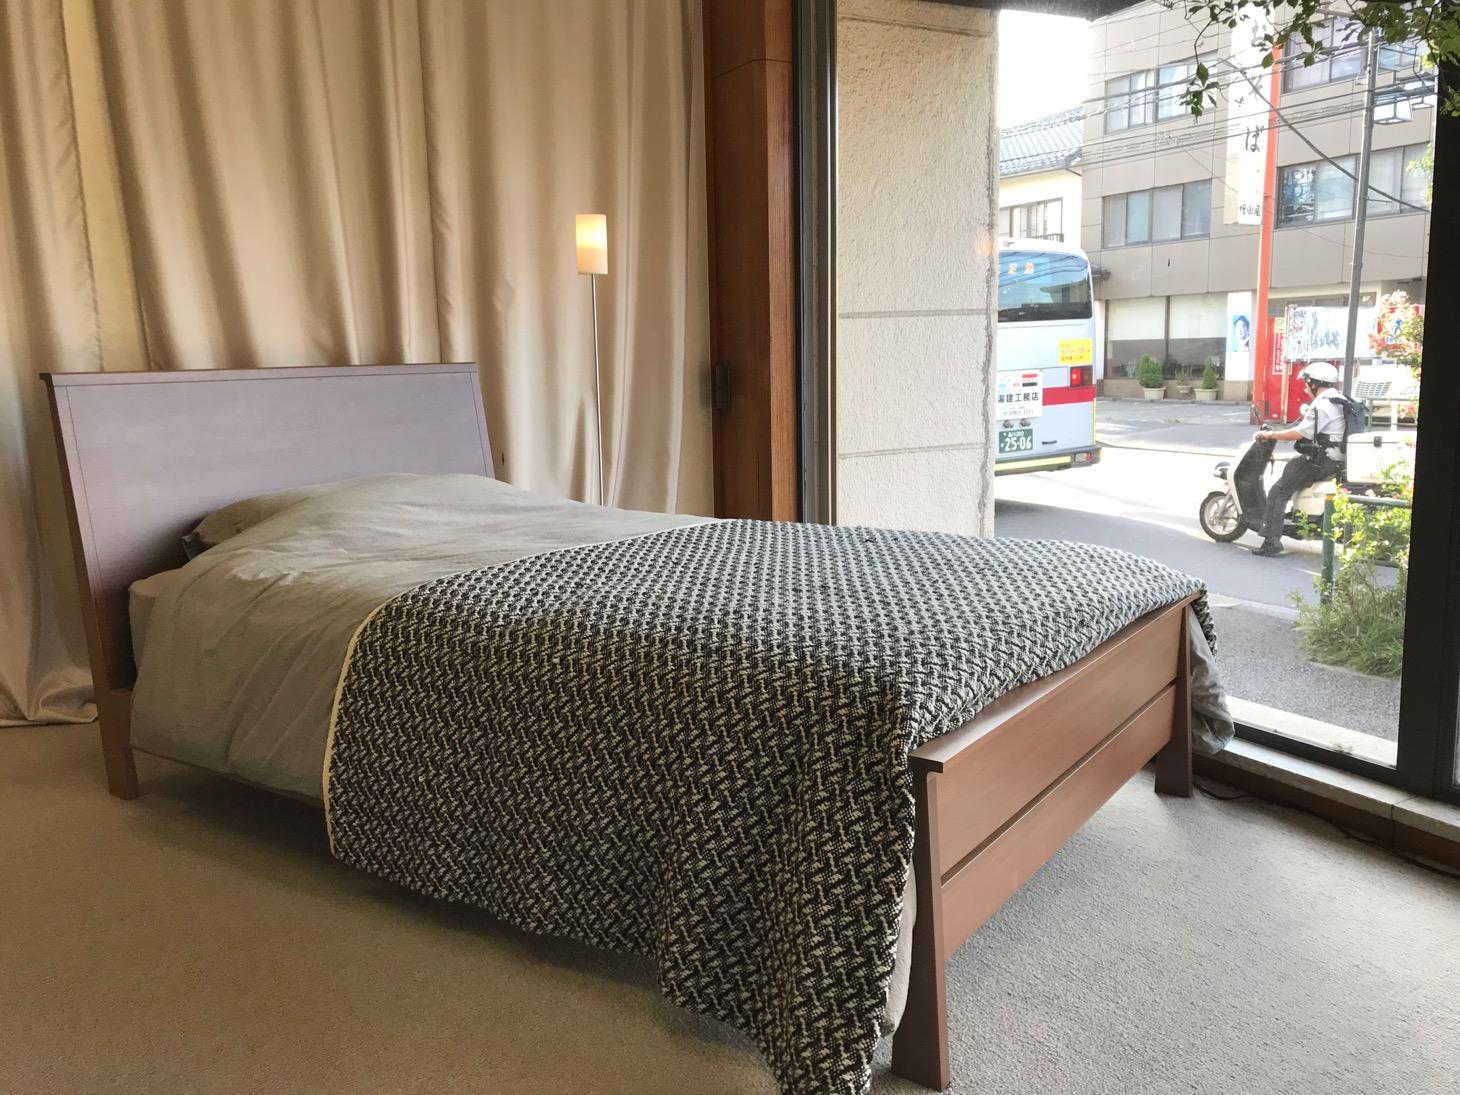 日本ベッド ショールーム